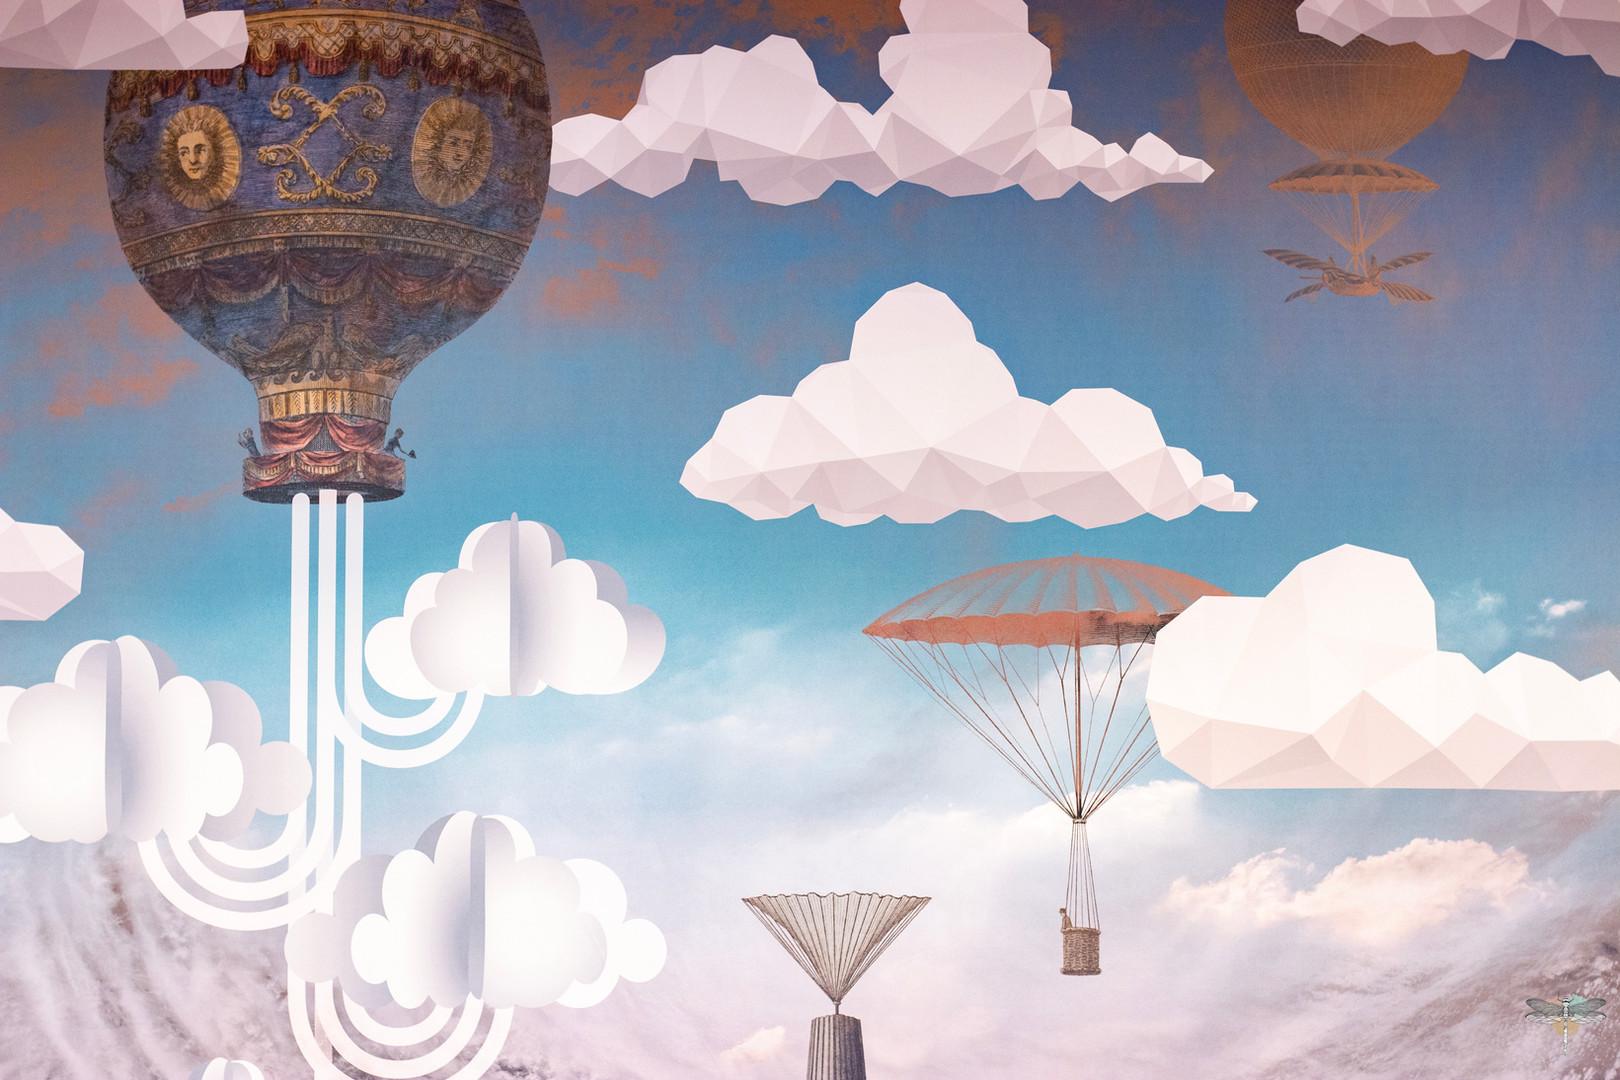 Aménagement et décoration d'un espace de bureaux professionnels à Senlis, pour DecoWorkers, par Carnets Libellule. Coralie Vasseur est votre architecte d'intérieur UFDI à Compiegne : focus sur le motif du papier peint et ses nuages en pixels qui rappellent les métiers de Media Management